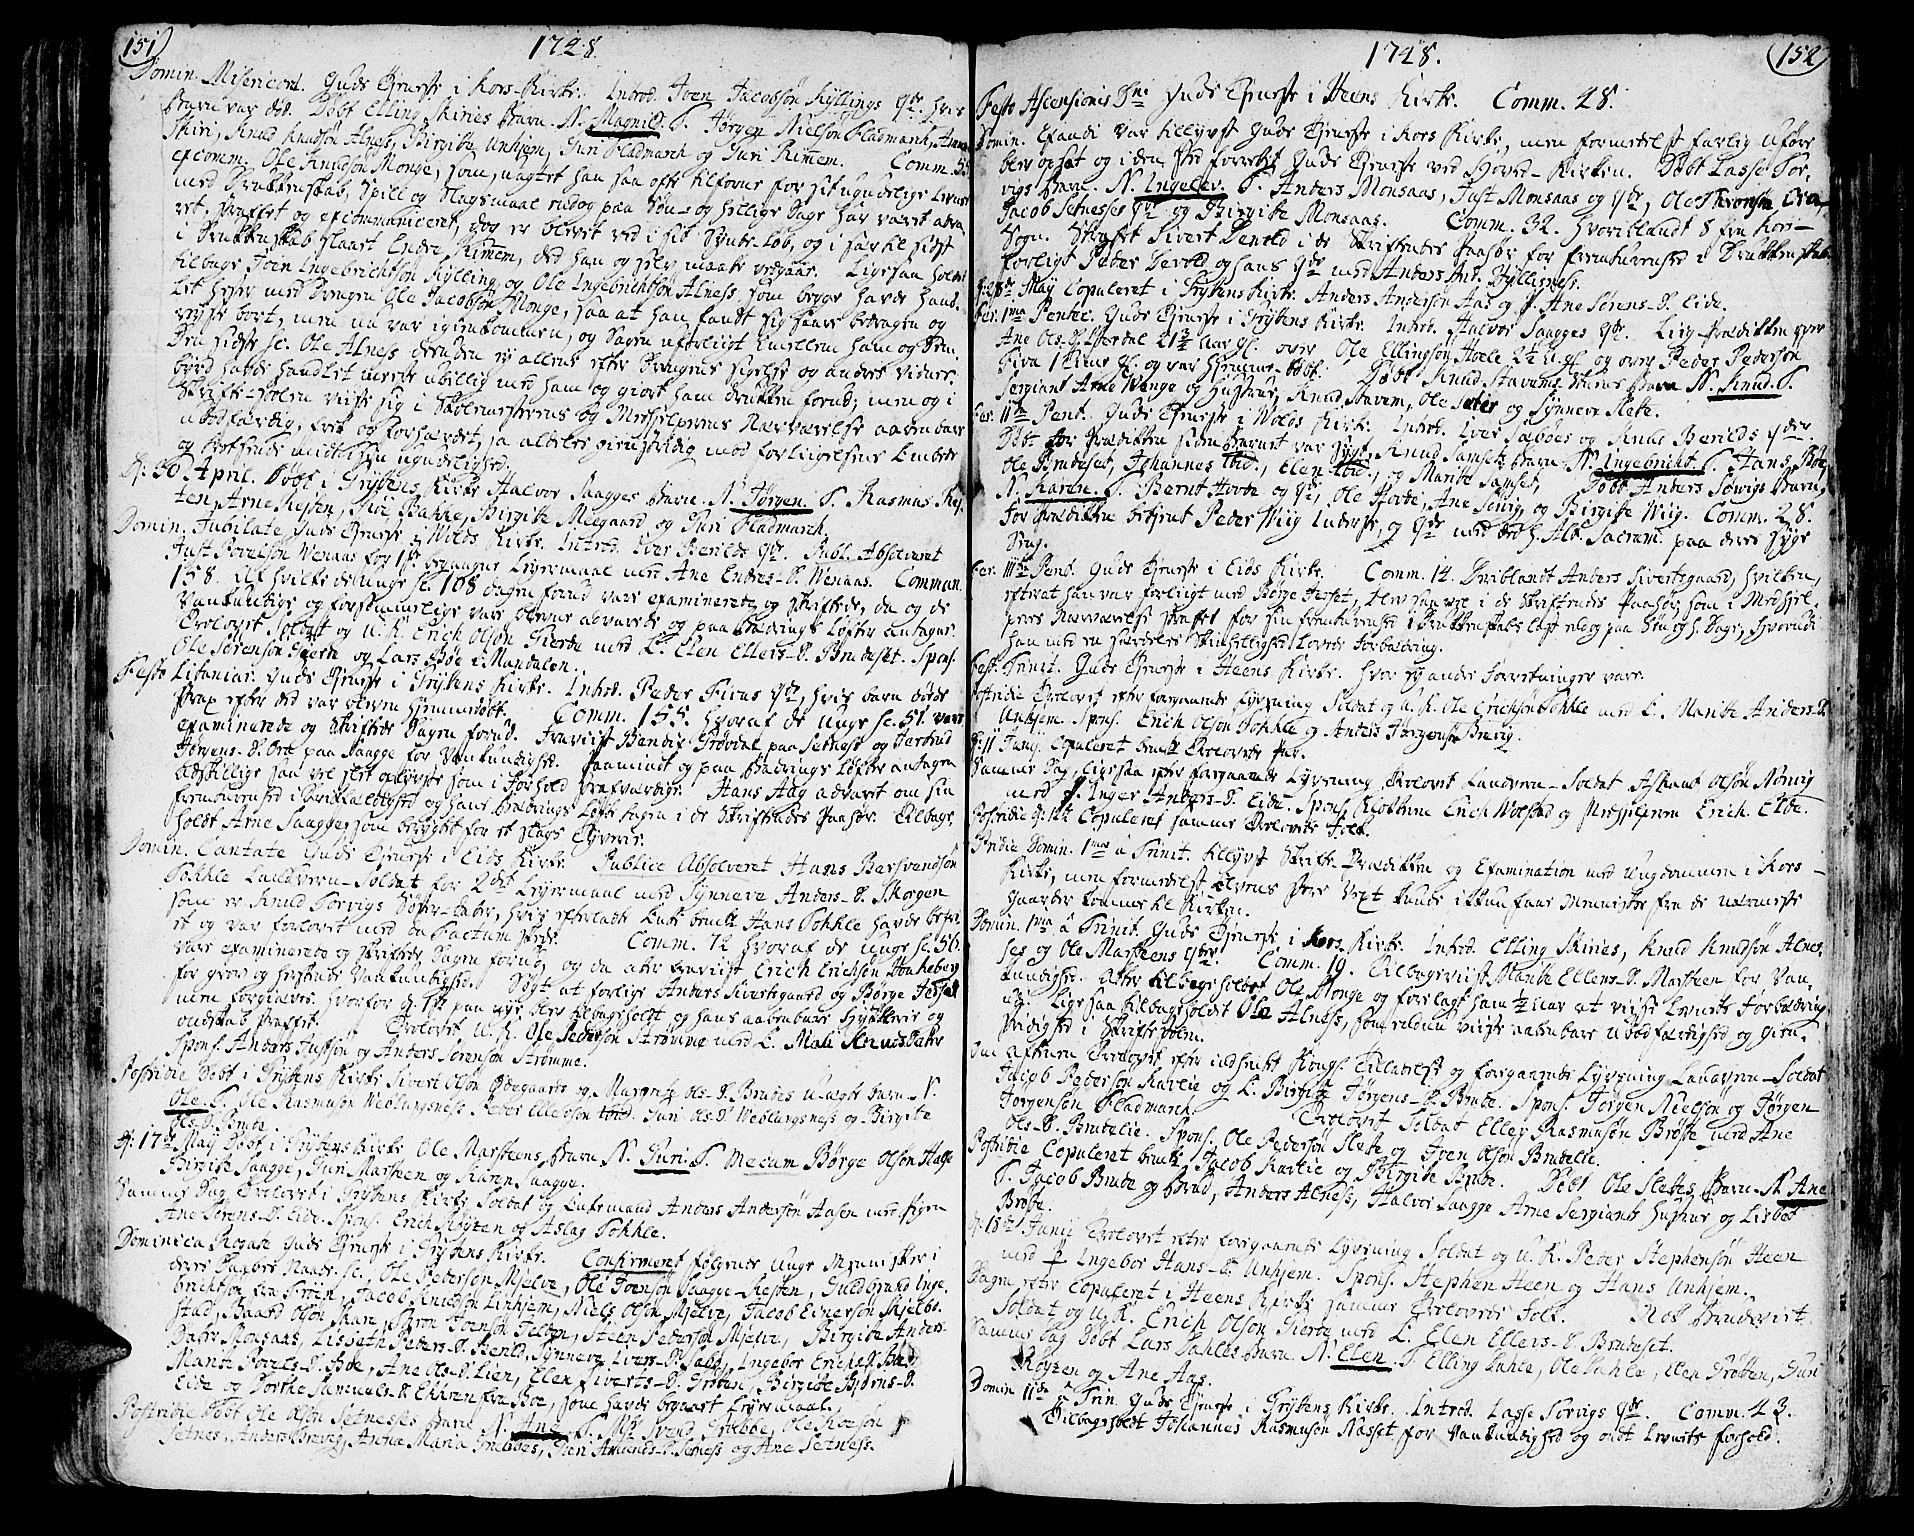 SAT, Ministerialprotokoller, klokkerbøker og fødselsregistre - Møre og Romsdal, 544/L0568: Ministerialbok nr. 544A01, 1725-1763, s. 151-152